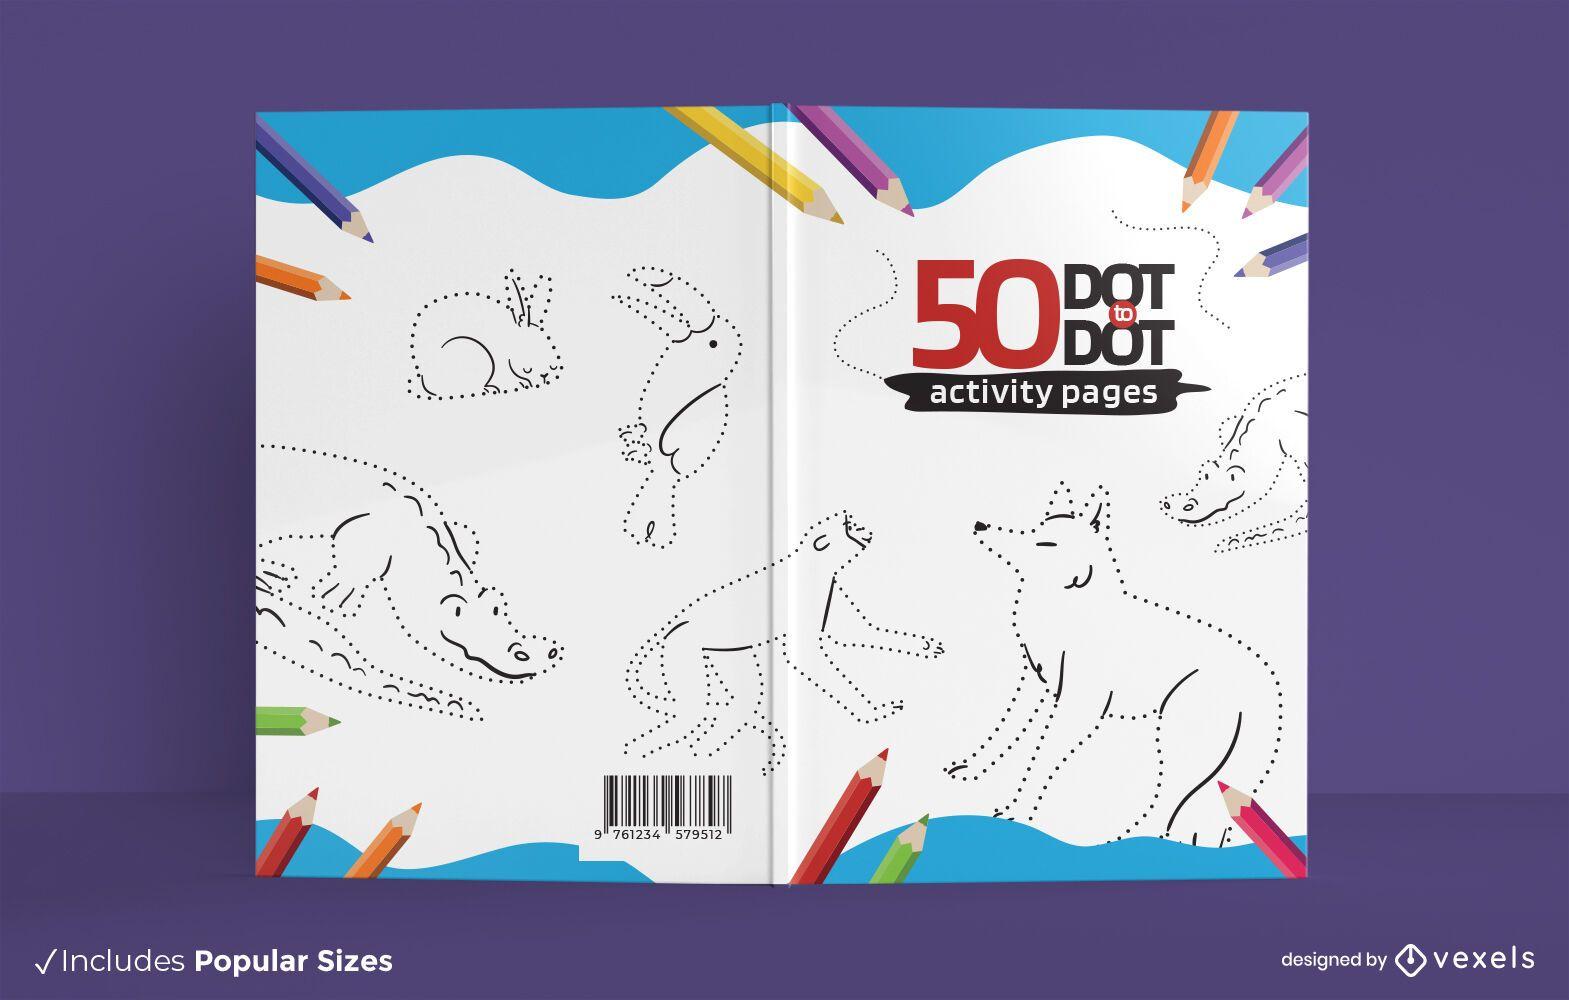 Animais ponto a ponto desenho da capa do livro